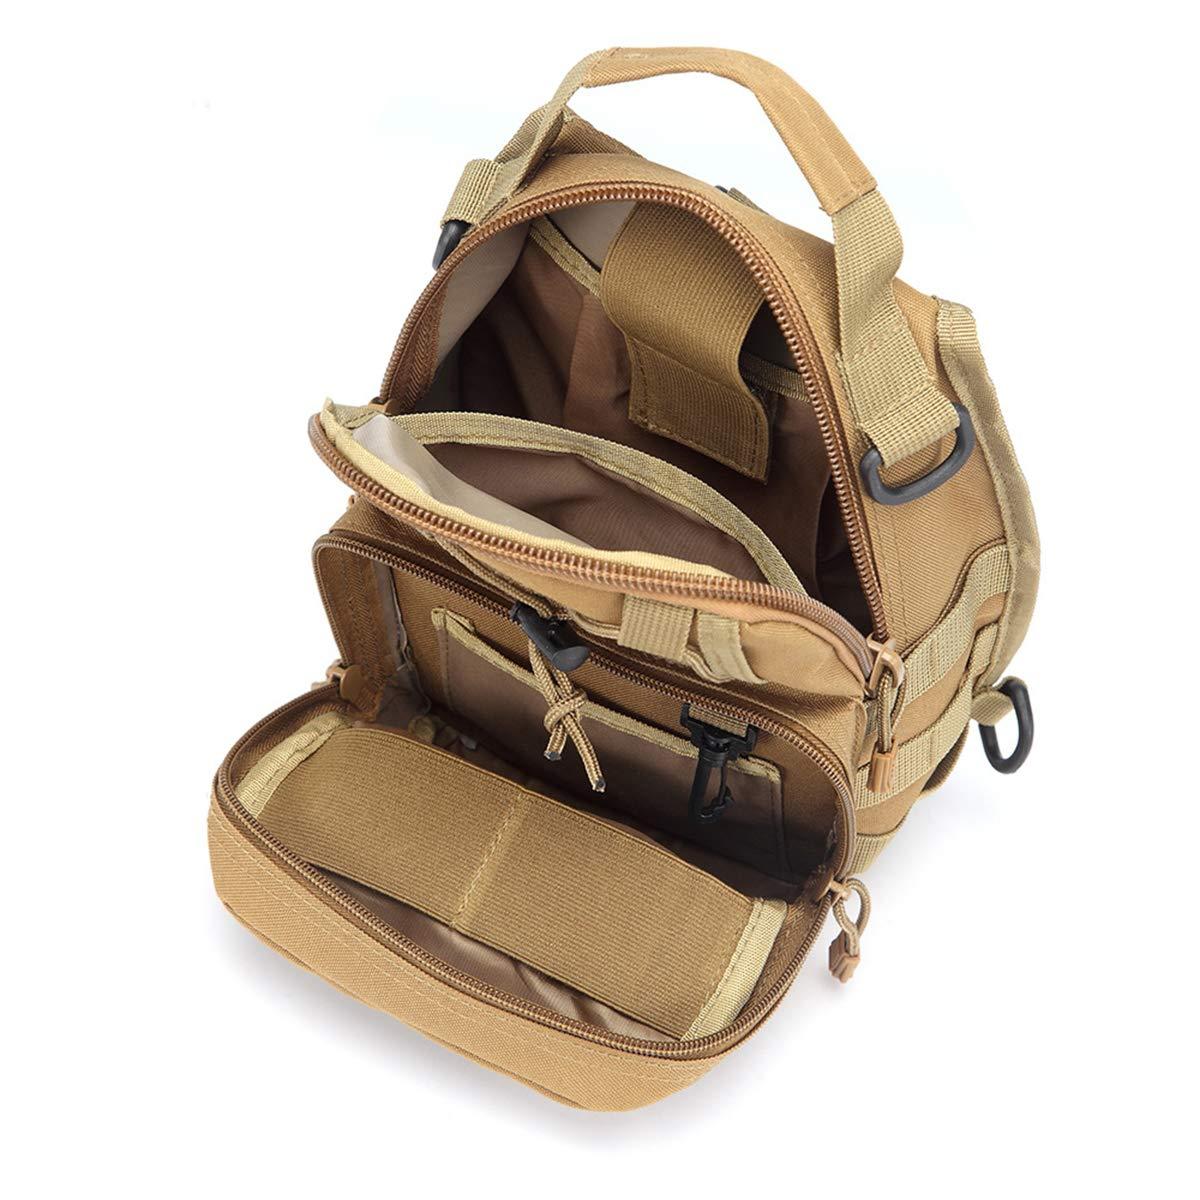 ICEIVY Crossbody Sling Bag Rucksack Herren Tasche Umh/ängetasche Schultertasche Taktische Sling Schulterrucksack Chest Bag Pack Daypacks mit Einem Gurt Sling f/ür Schule,Reise,Wandern,Trekking